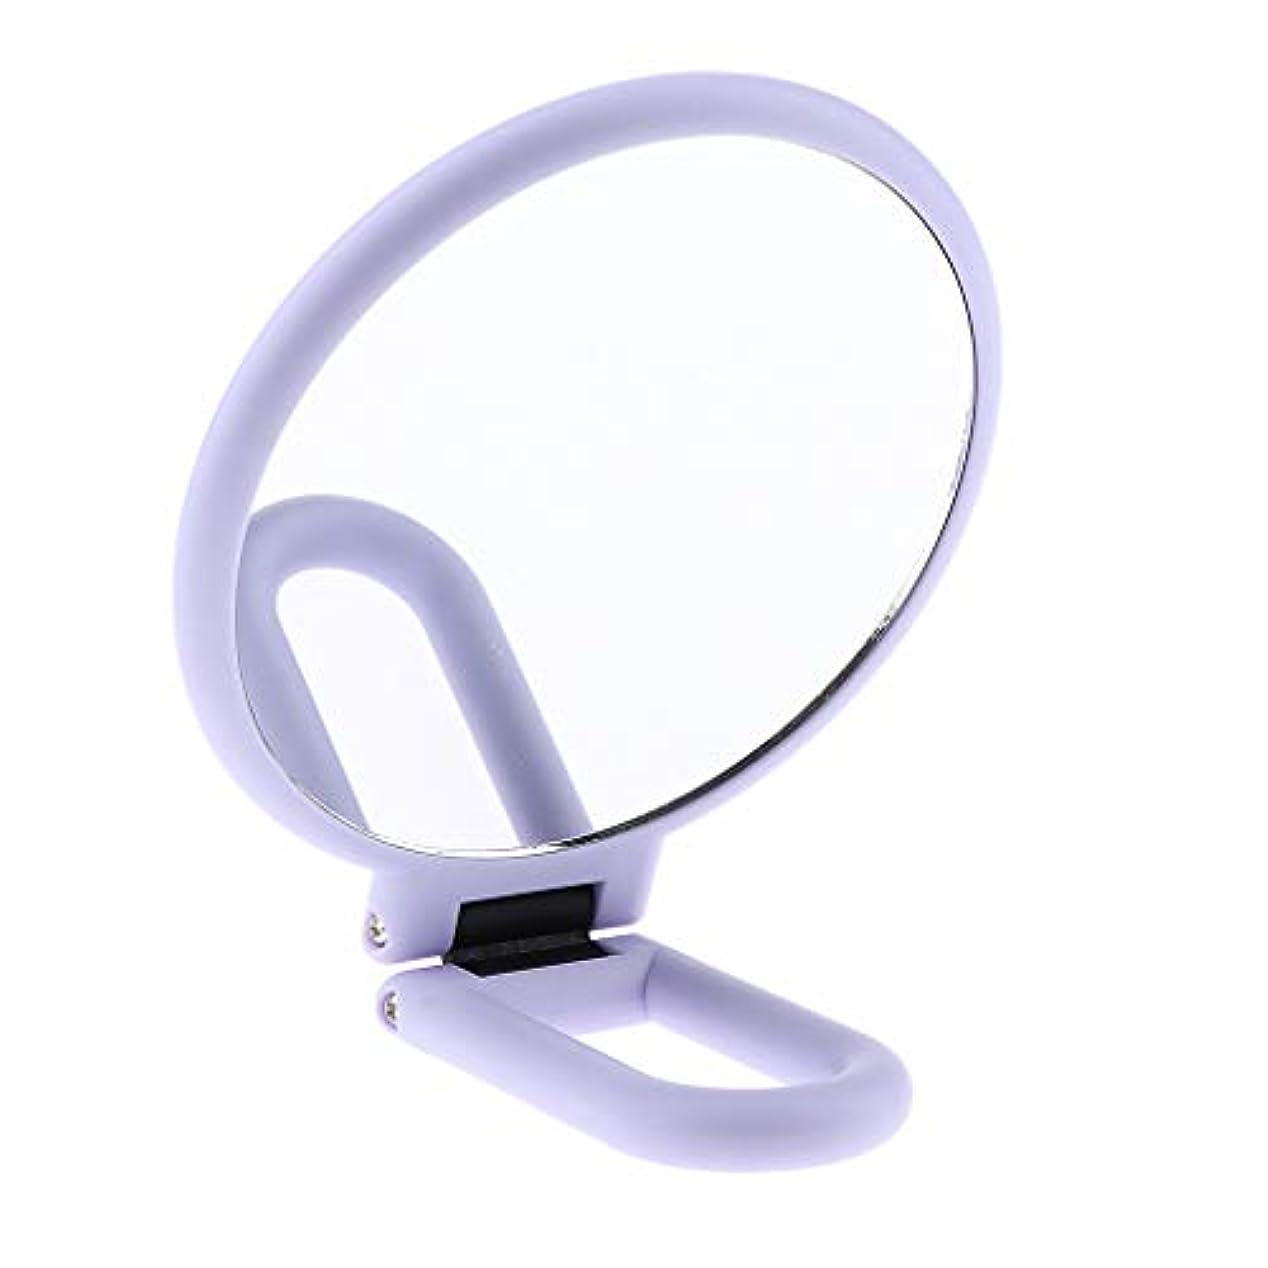 失効タブレット結晶F Fityle 両面化粧鏡 メイクアップミラー 折りたたみ 手持ち 旅行小物 2タイプ選べ - 5倍